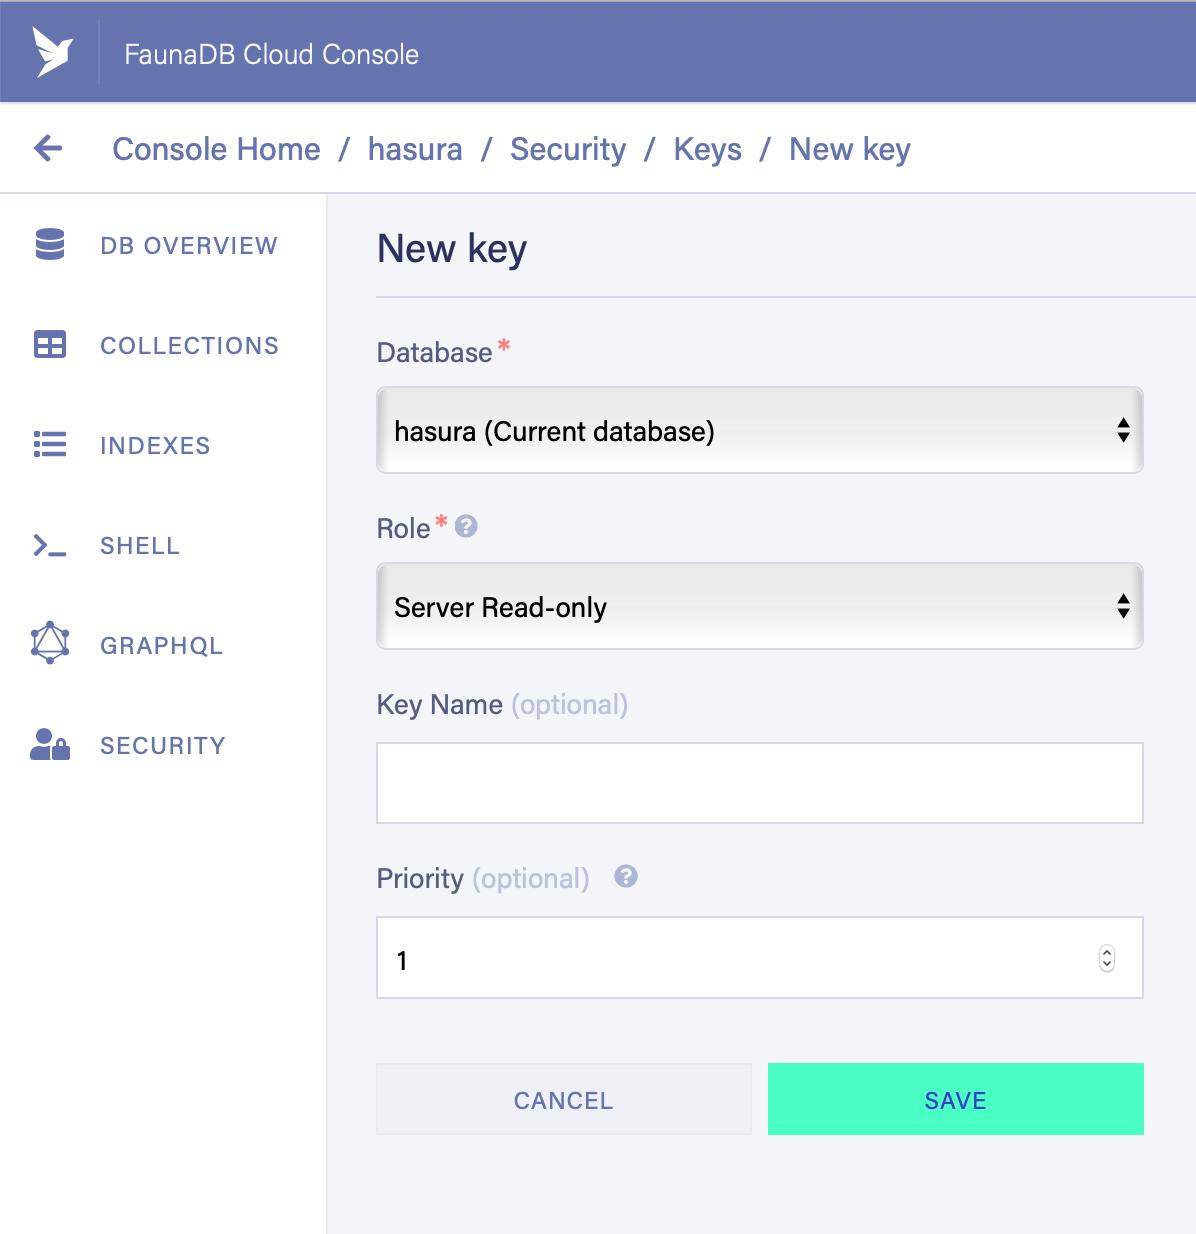 Joining Postgres Data with FaunaDB Serverless using Hasura